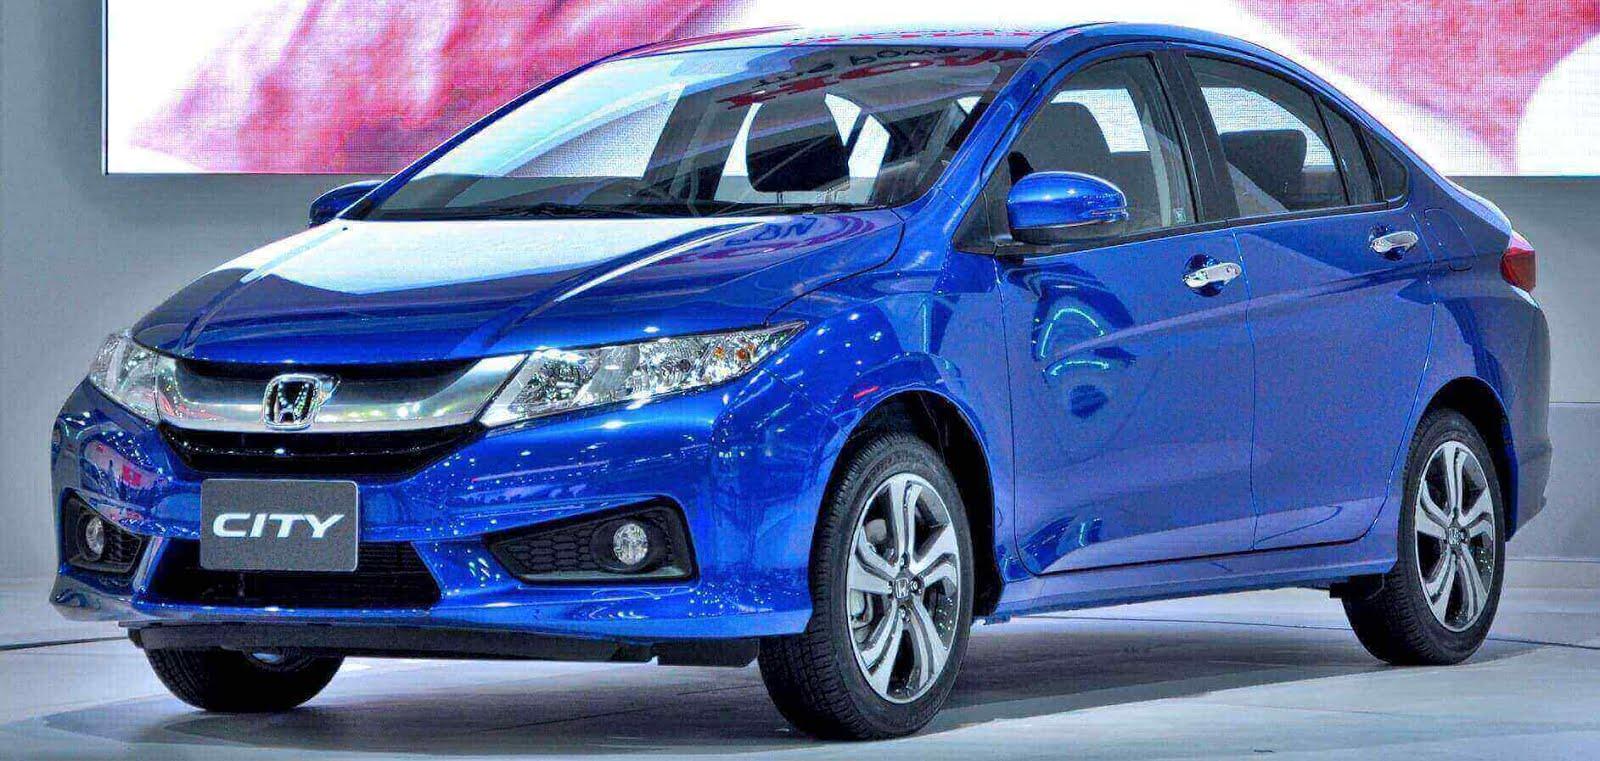 2017 Honda City; Honda City 2017; Honda City ; Diwali Car Sale; Diwali Car Offers; Diwali car discounts; navratri car sale; navratri car discounts